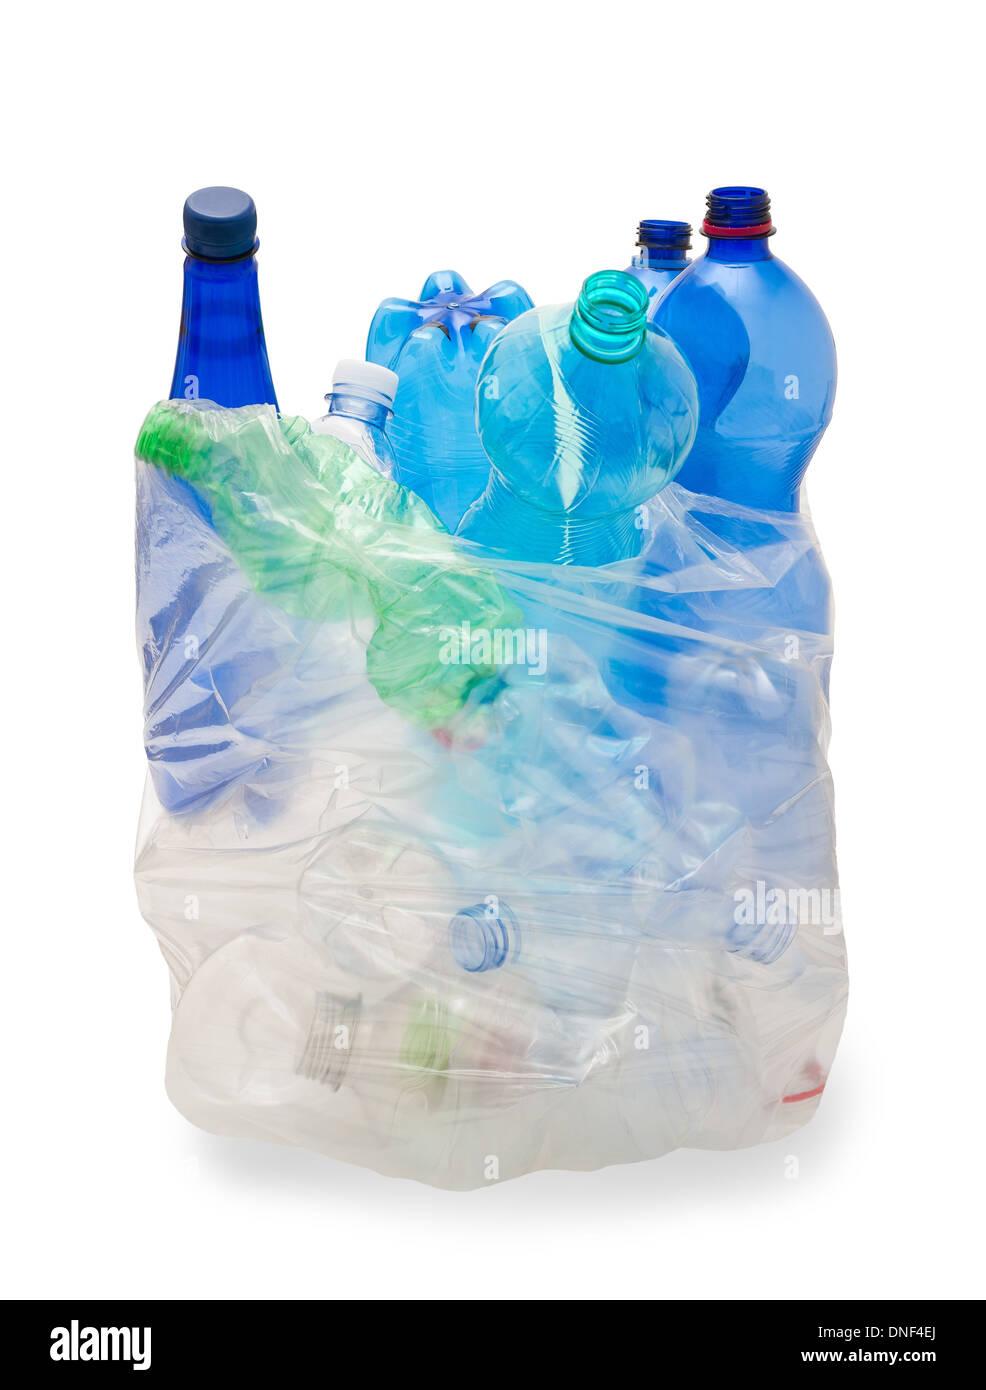 Müllsack mit Kunststoff-Flaschen Stockbild